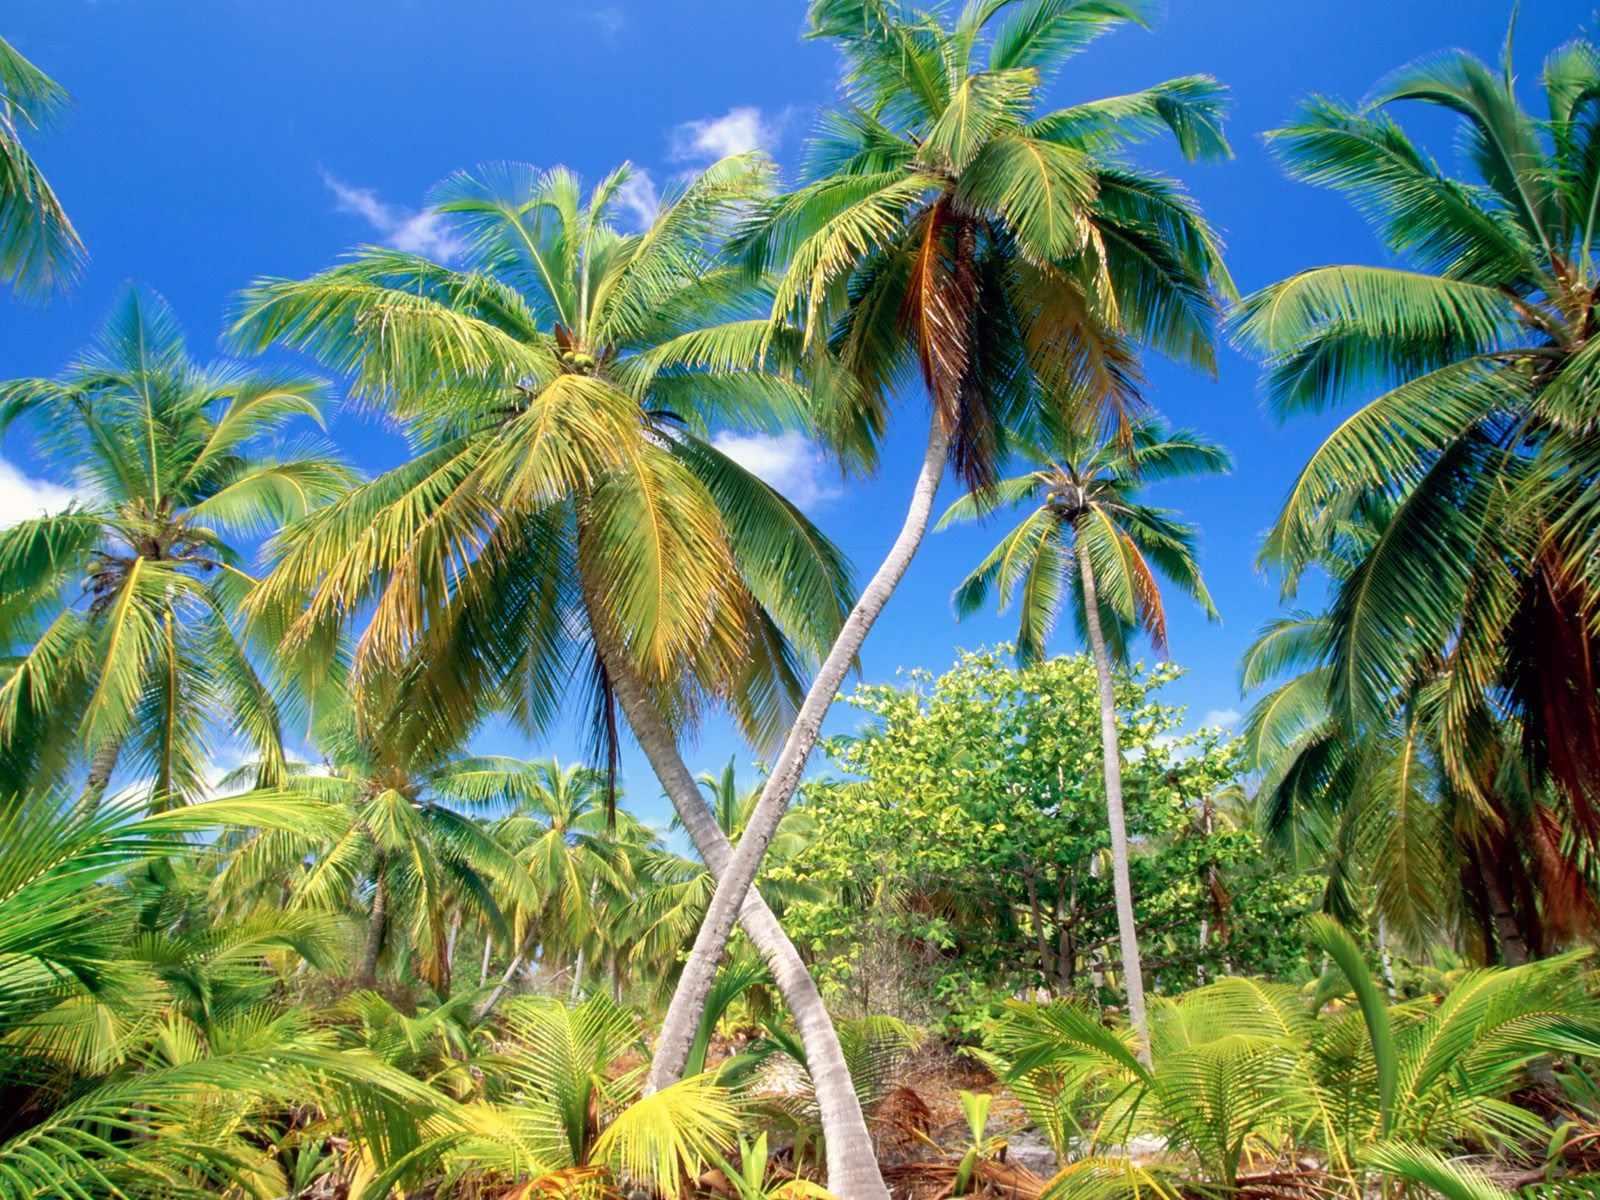 La Iphone Wallpaper Zoom Dise 209 O Y Fotografia Imagenes De Para 237 Sos Tropicales